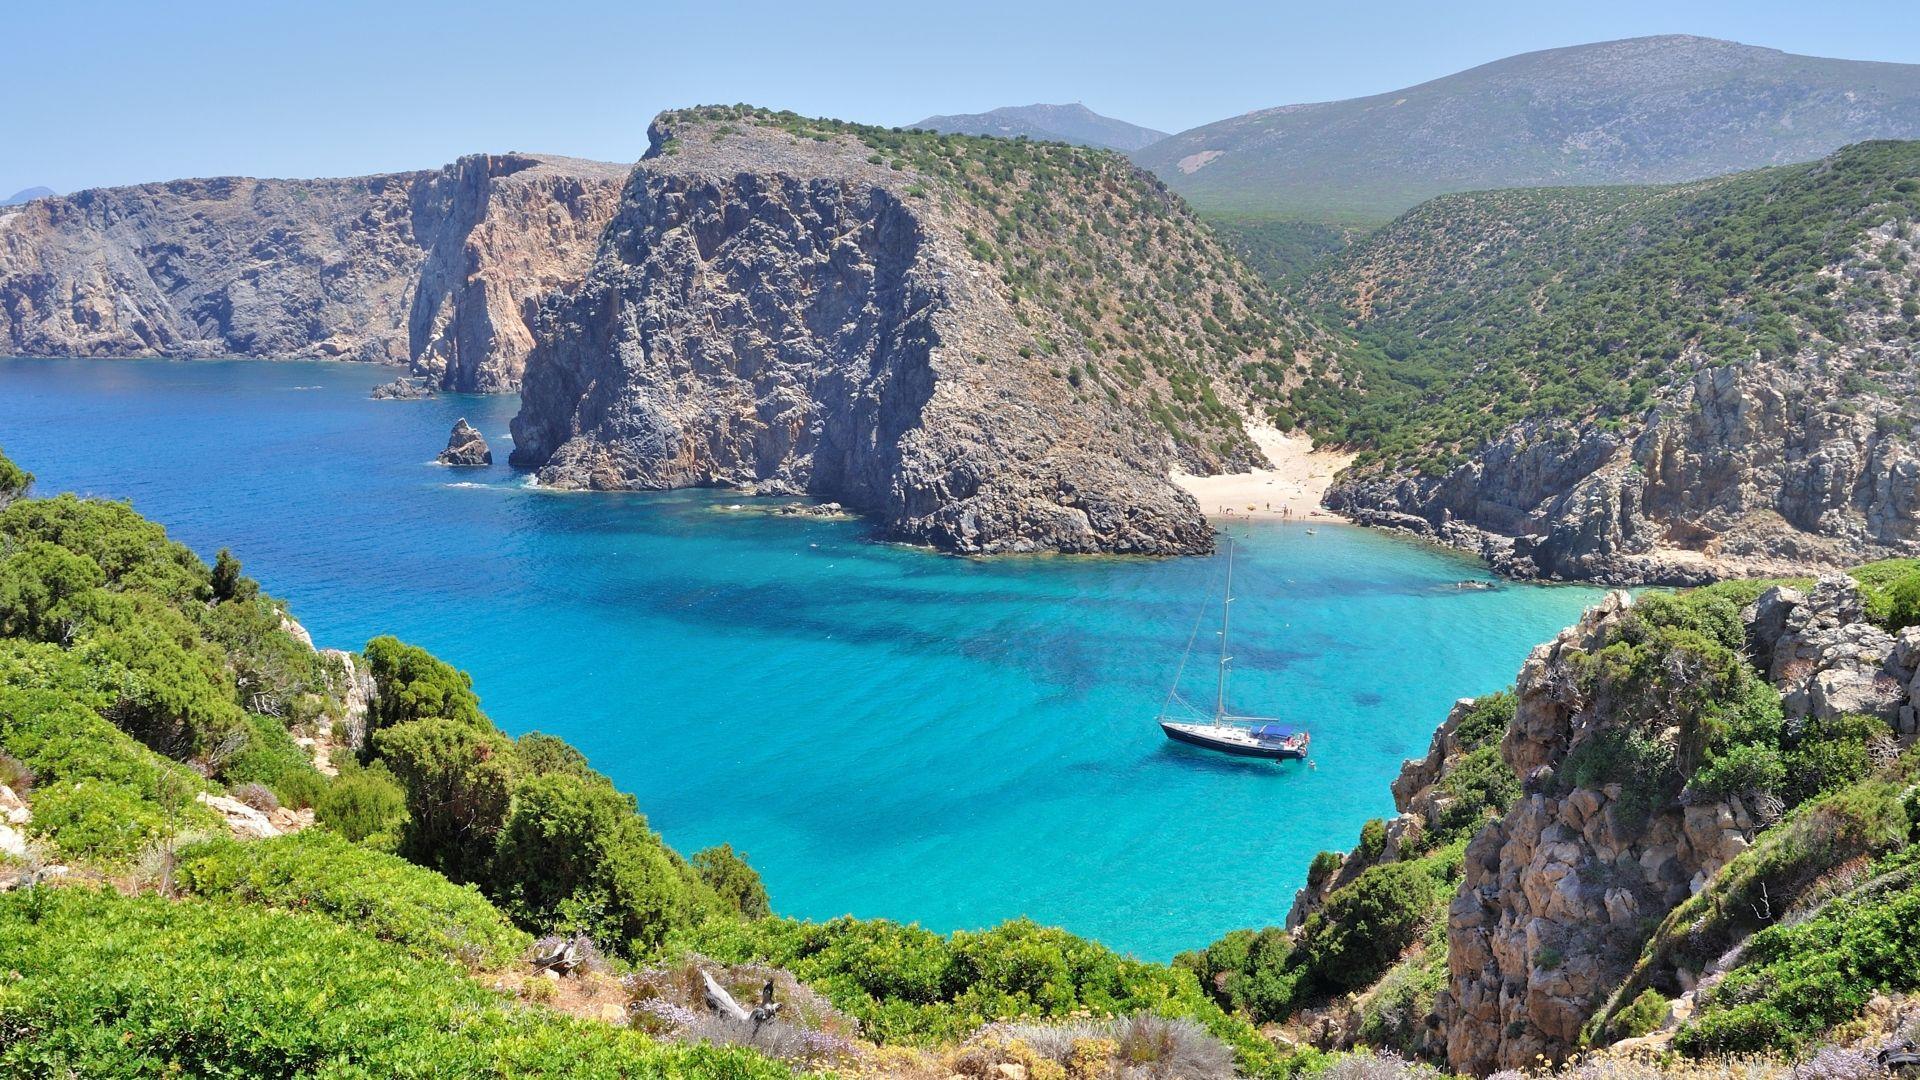 Įspūdinga Sardinijos pakrantė